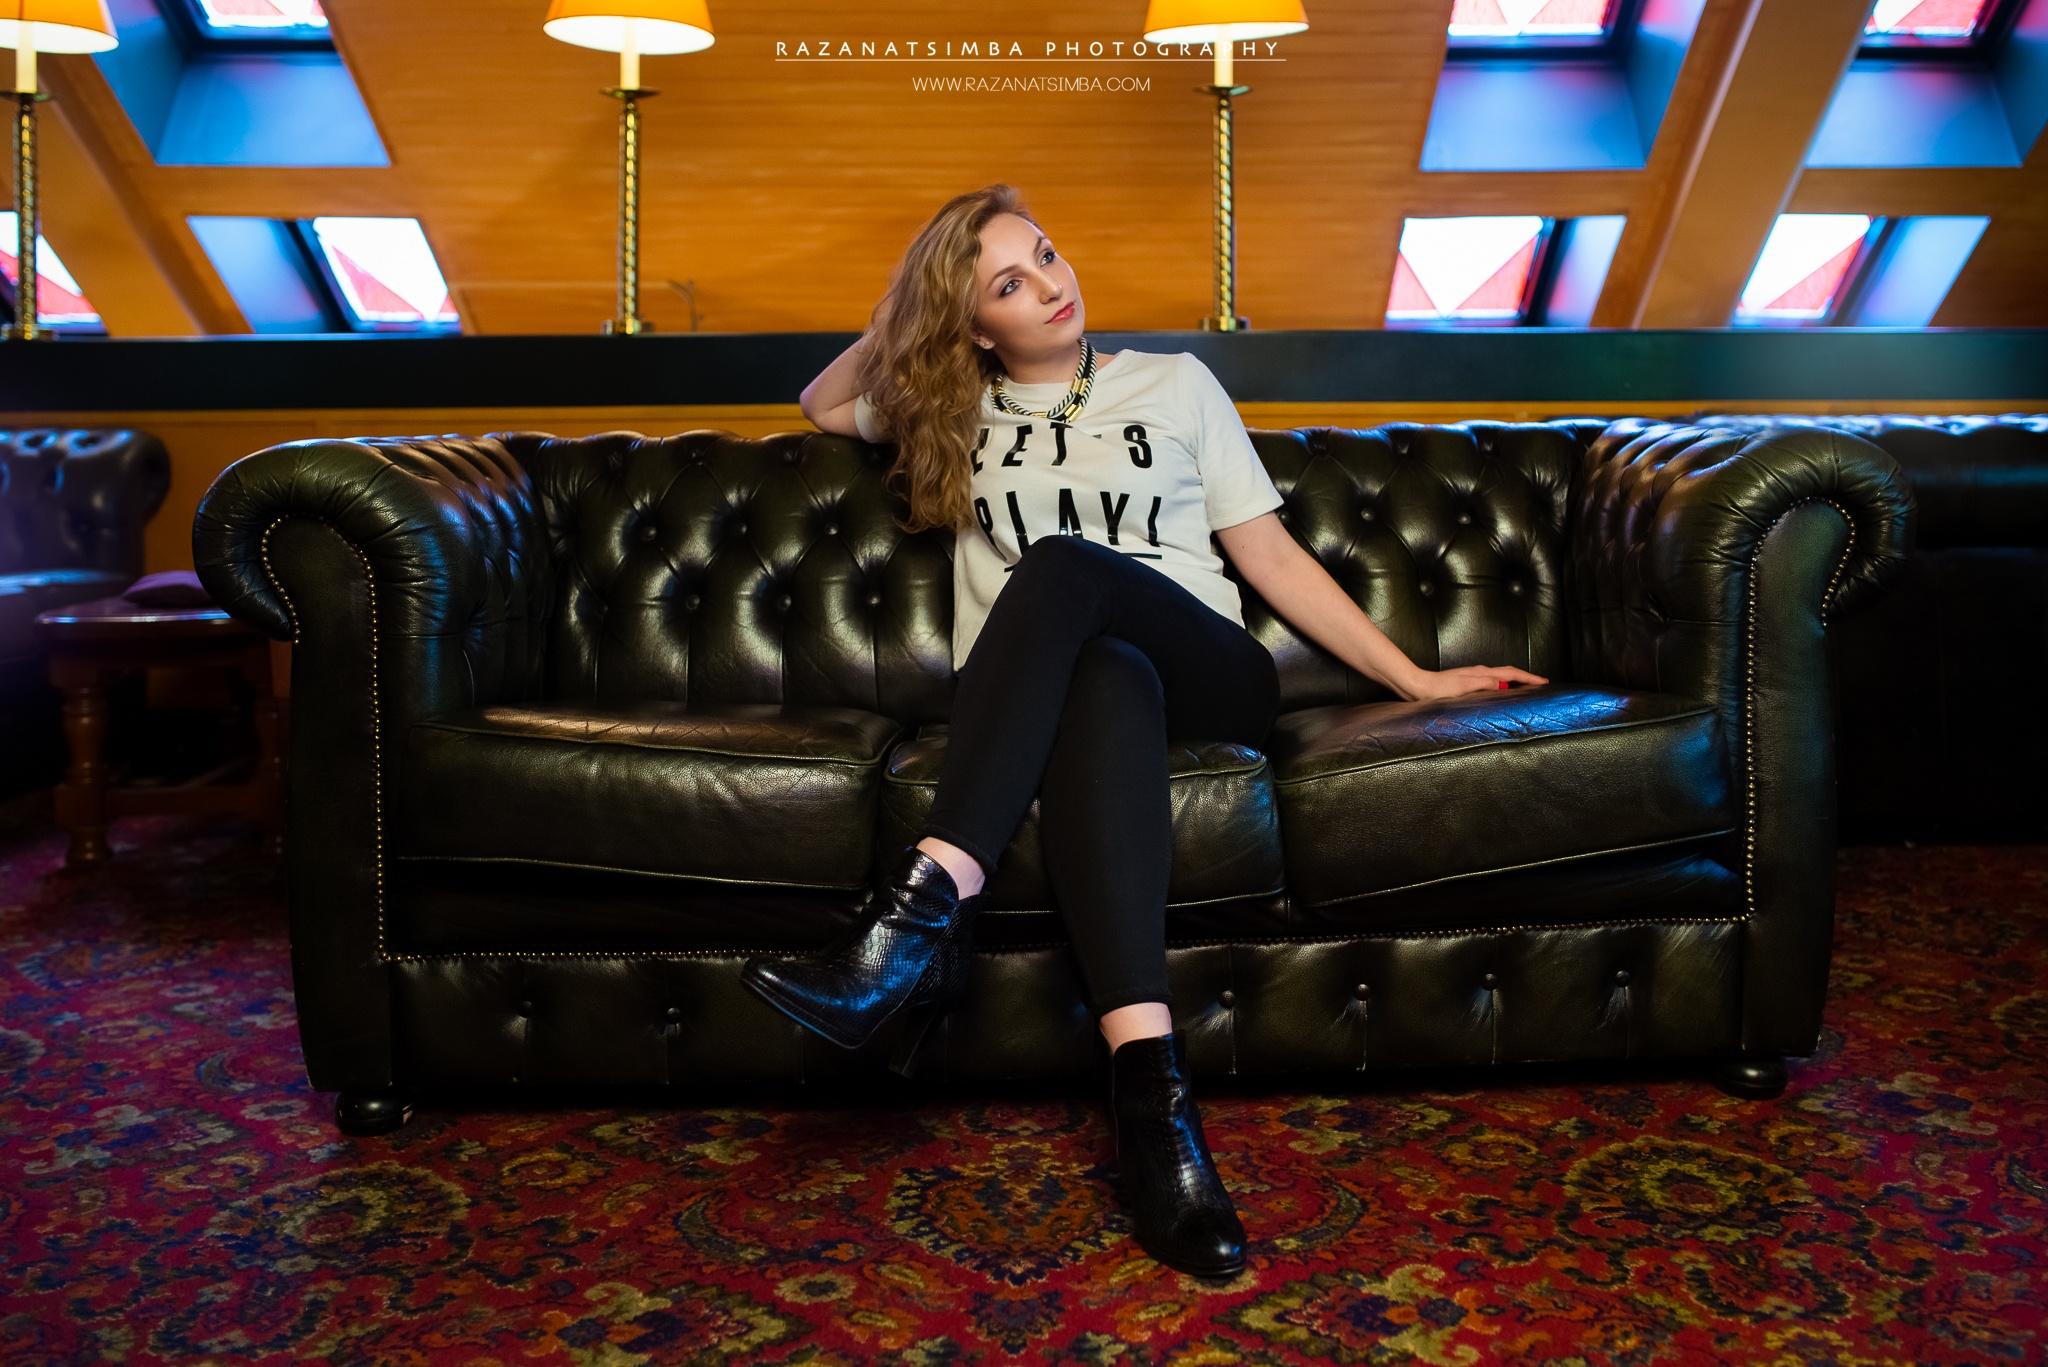 Cyrielle by Razanatsimba Photography